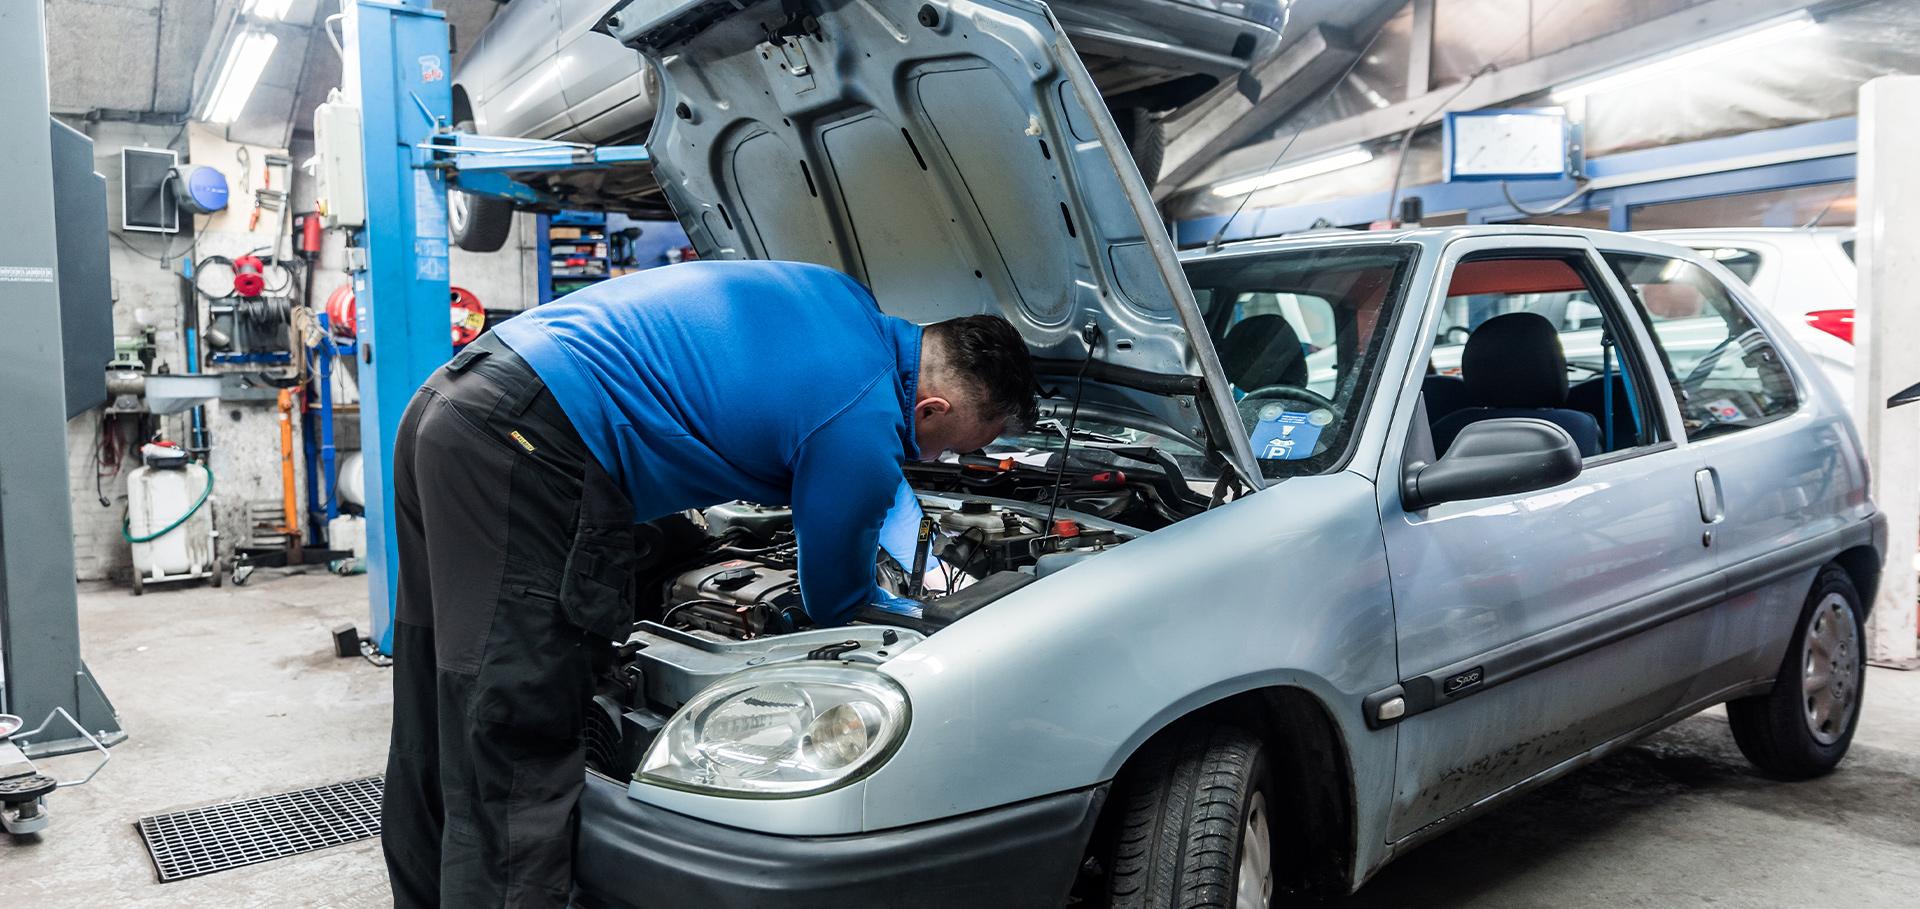 Onderhoudsbeurt Autobedrijf Langens